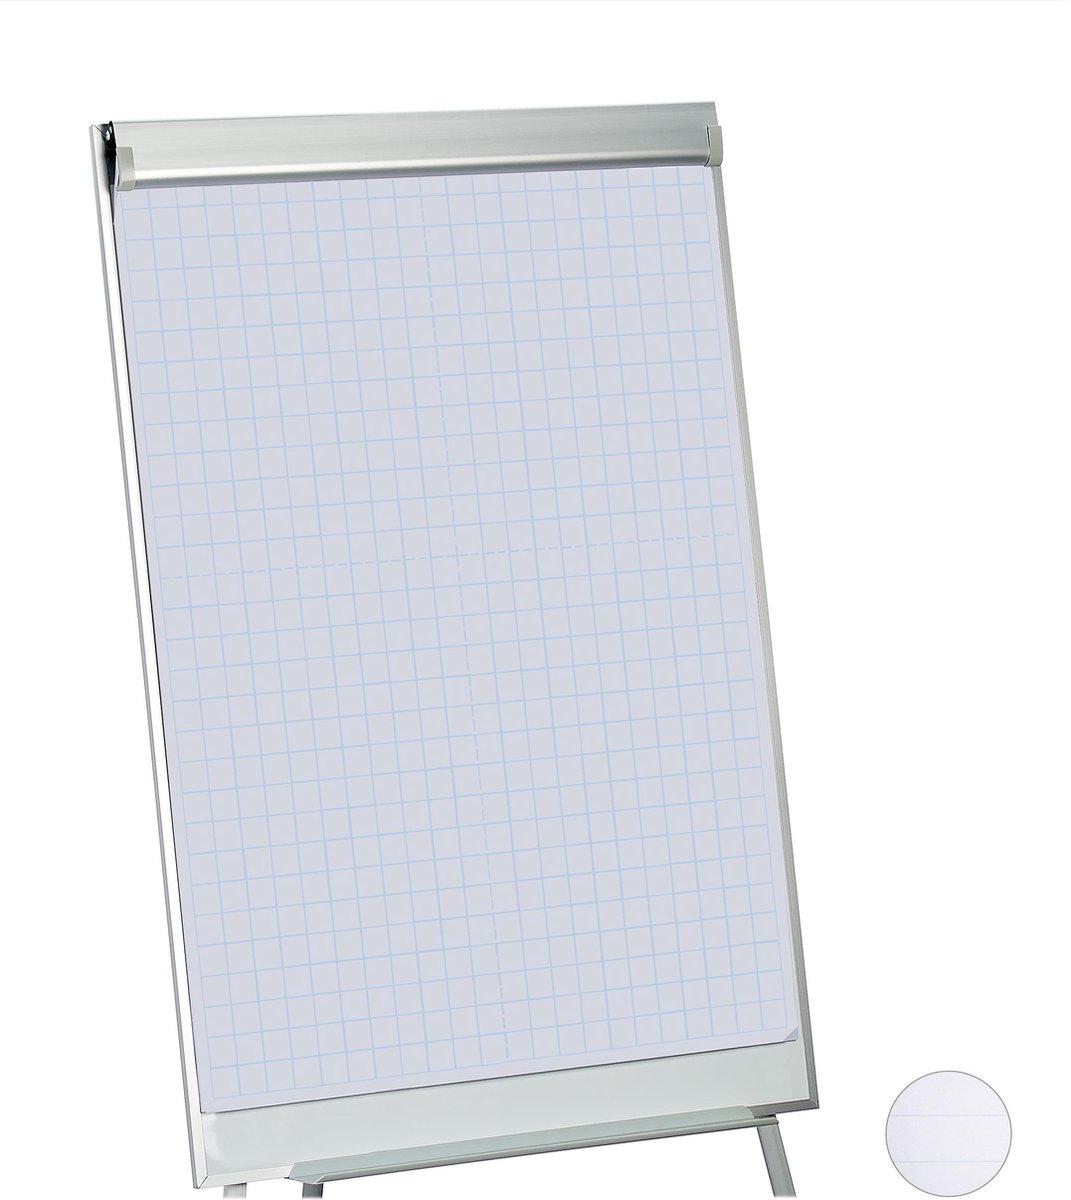 relaxdays flipover papier - flipchart papier - whiteboard papier - 50 vellen - papierblok Geruit